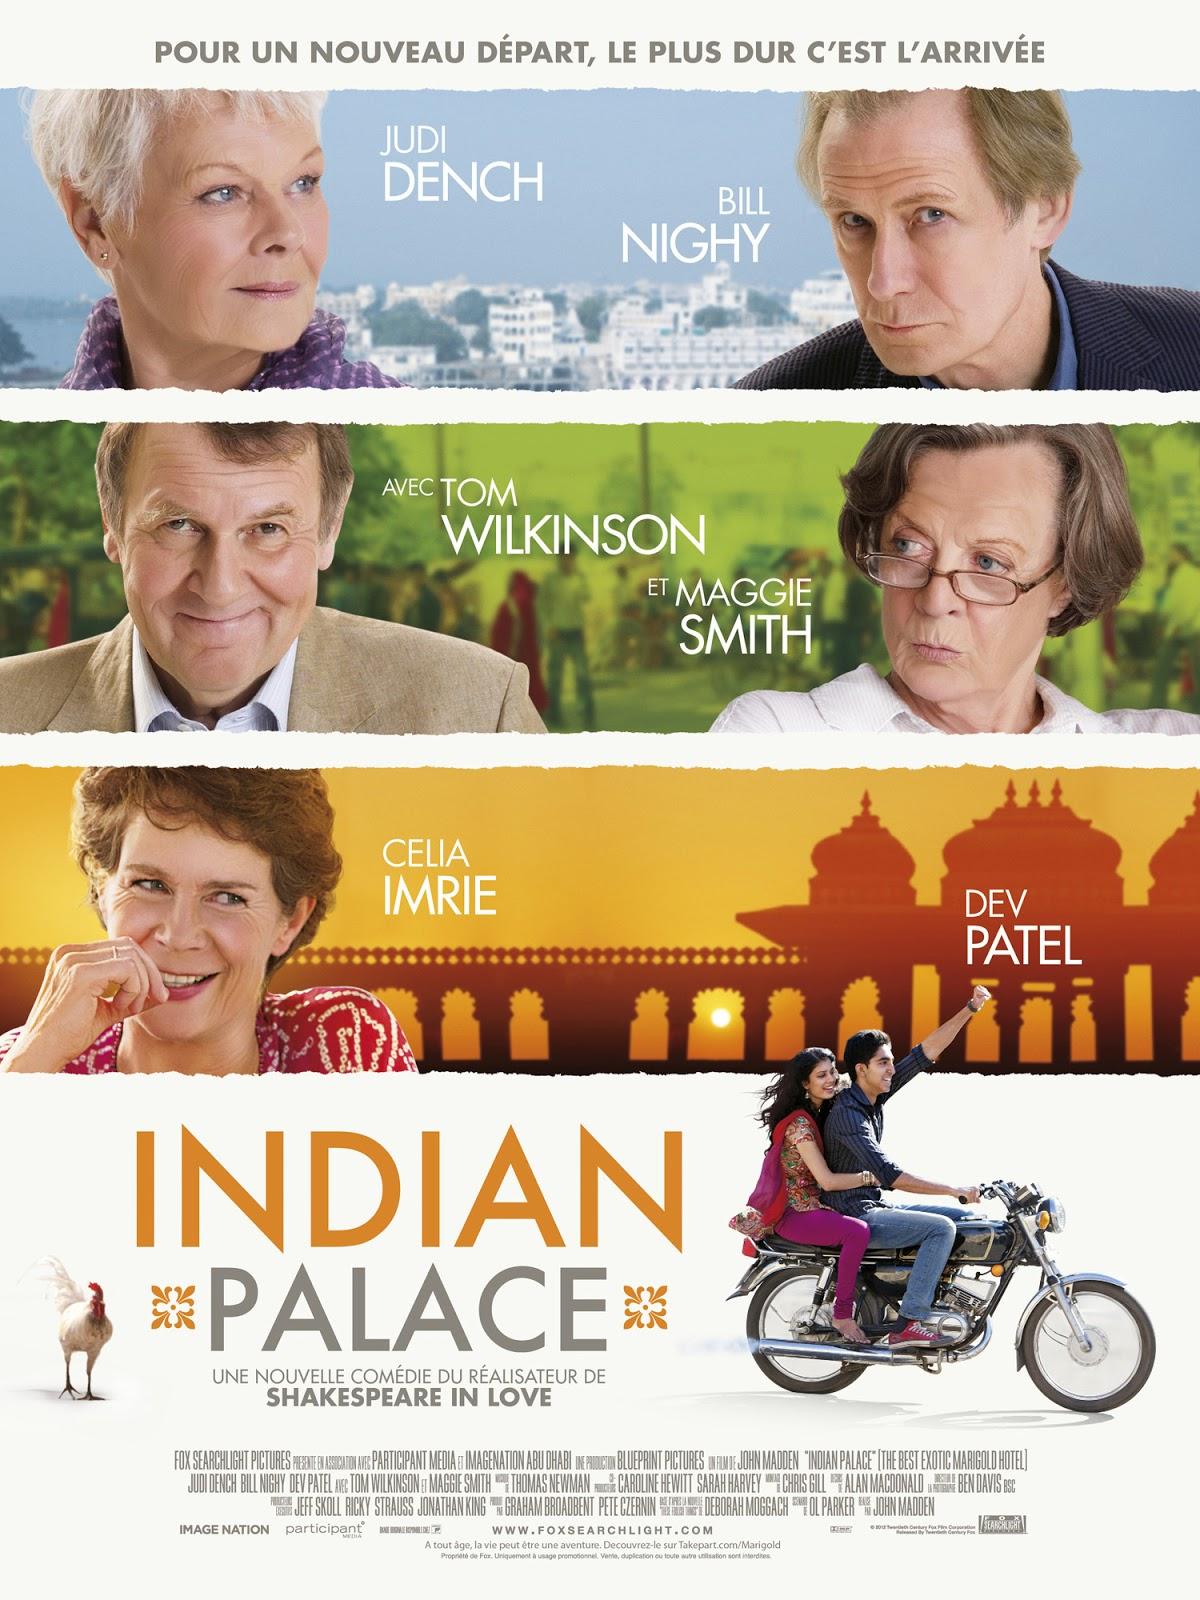 http://1.bp.blogspot.com/-ooMvxFNRUDQ/UMXu7oR01WI/AAAAAAAACqA/iMcjAPvN6Tw/s1600/Indian+Palace.jpg